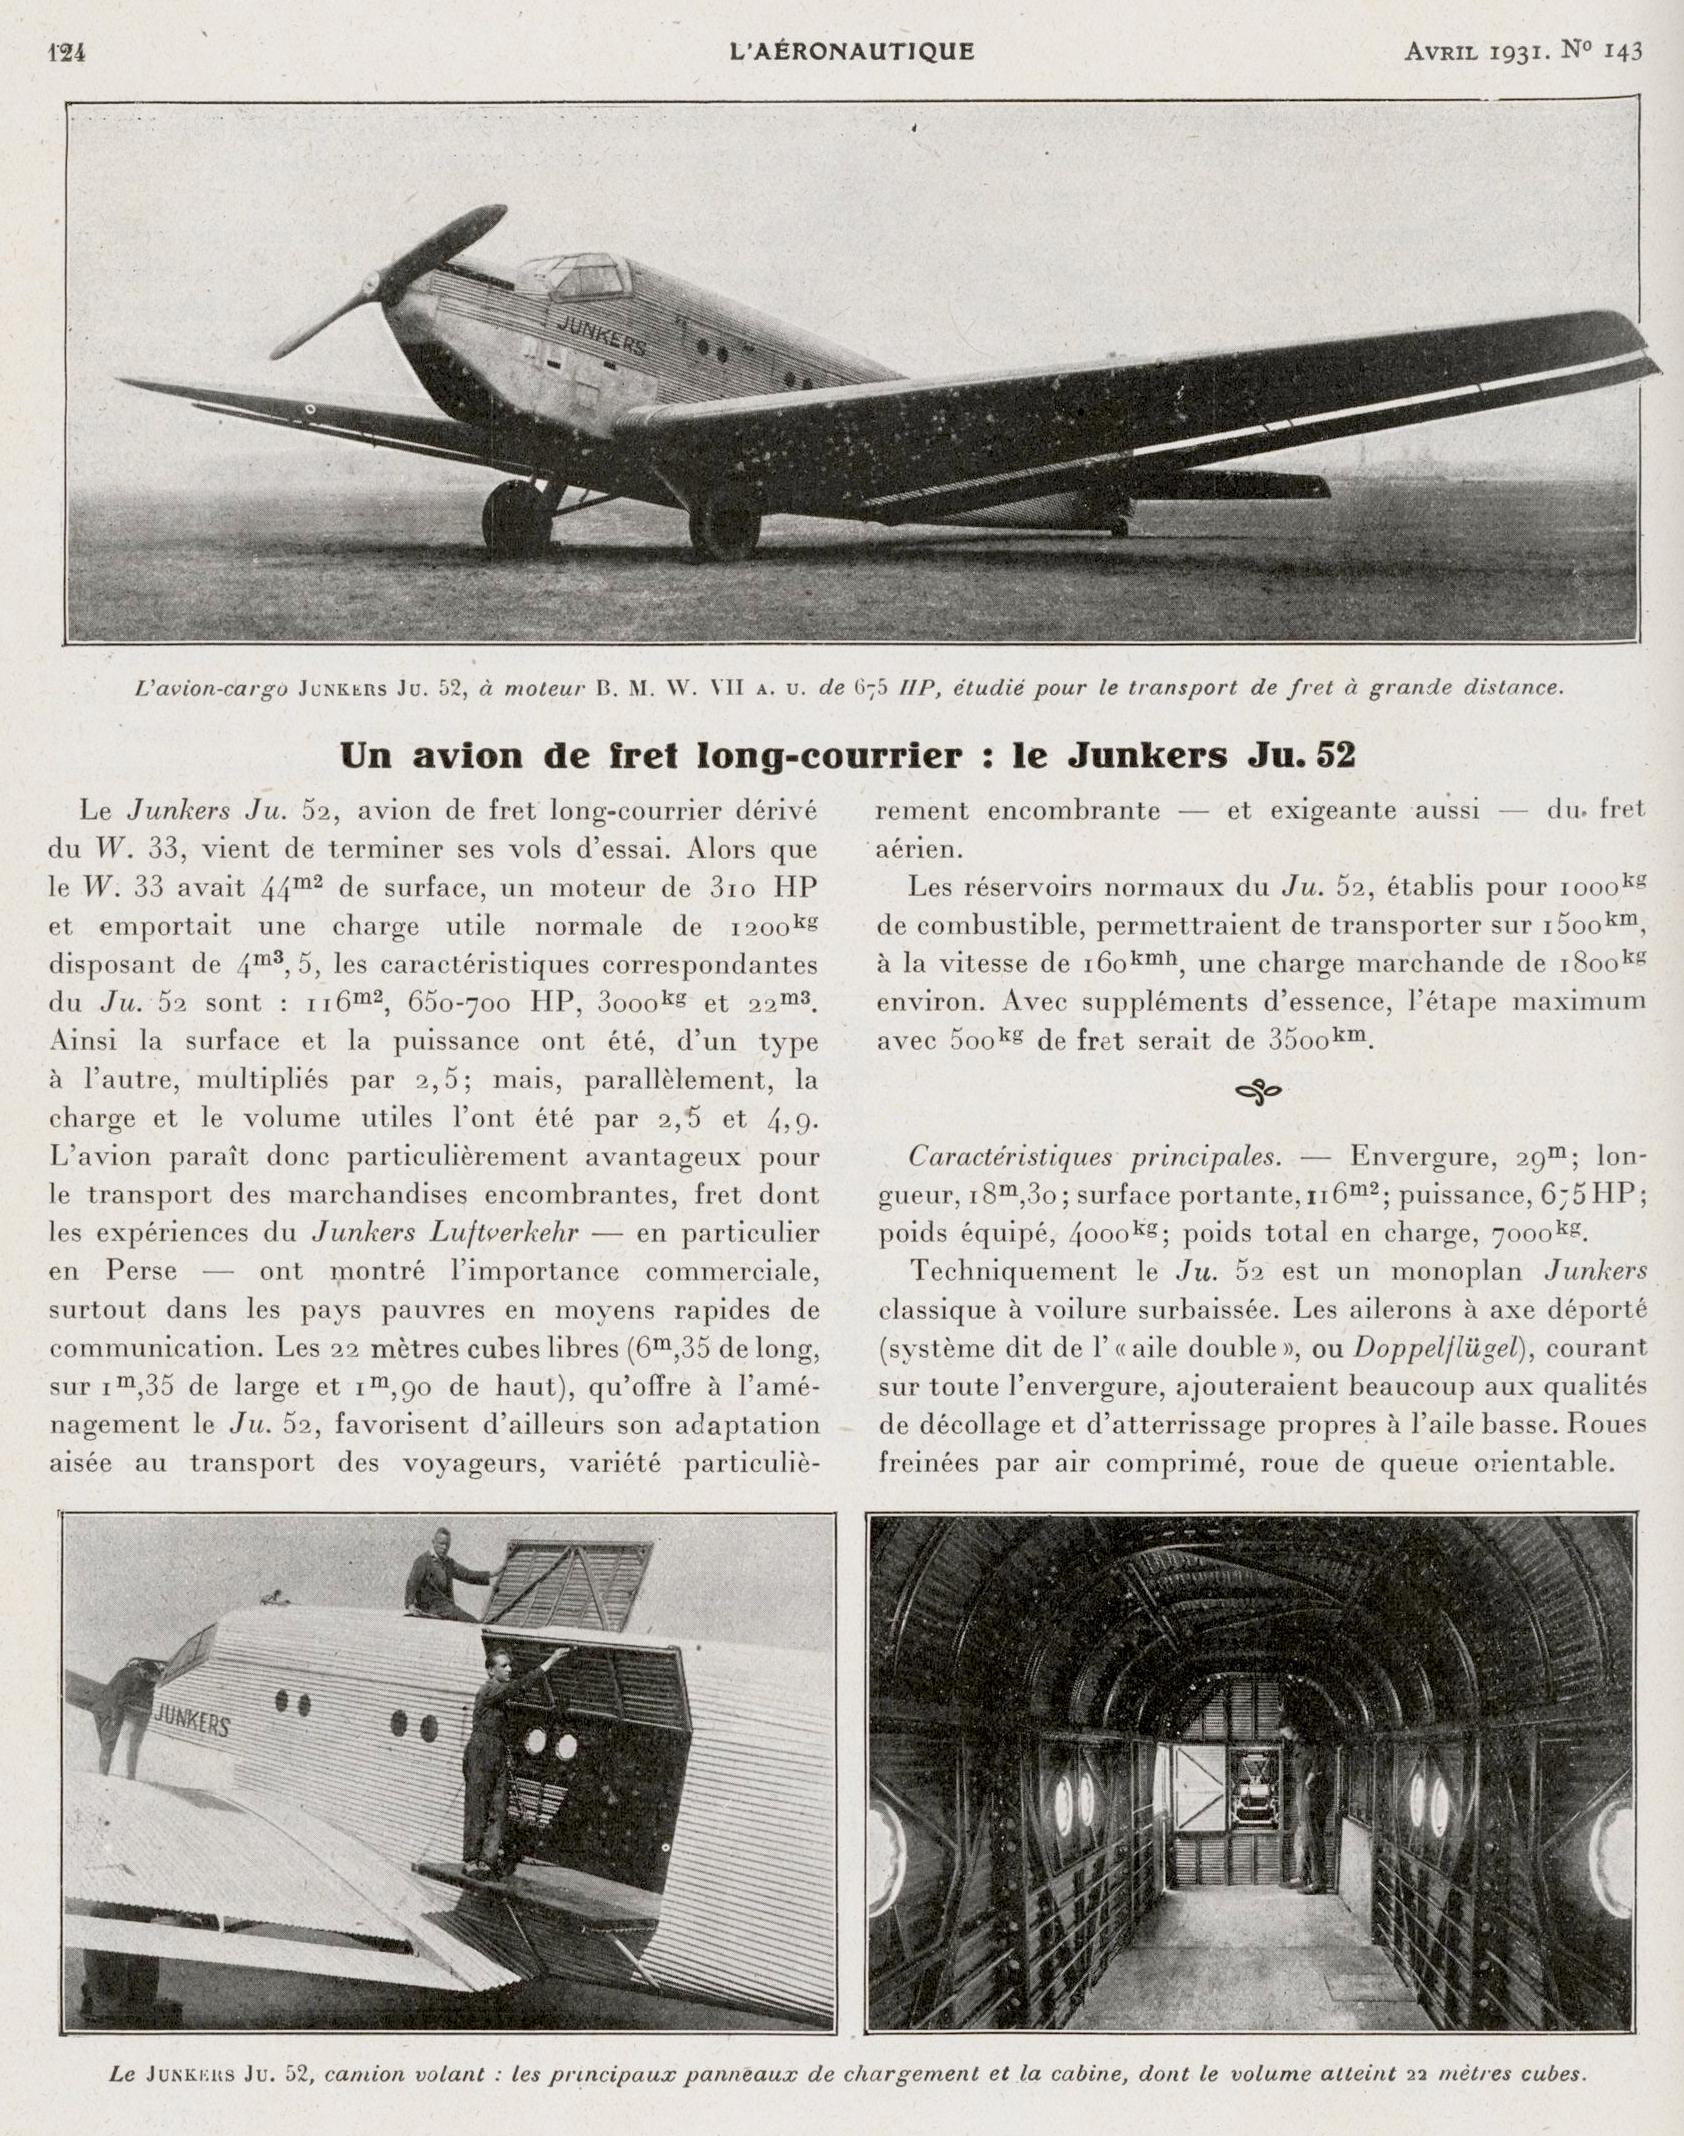 1931abrillaeronautique5